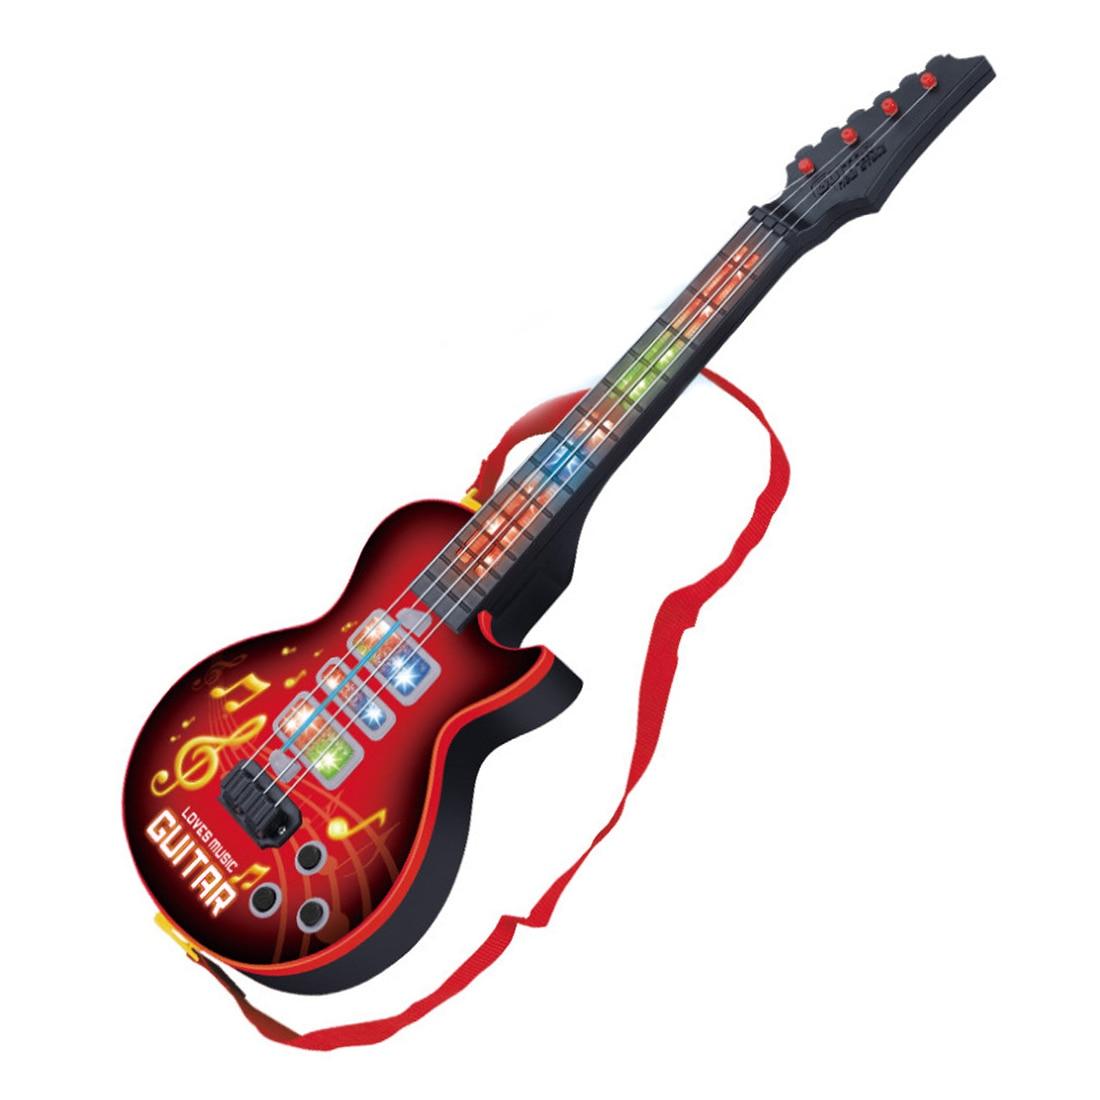 Hiqh качество 4 Strings Music Электрогитары Детские Музыкальные инструменты Обучающие игрушки для детей игрушки как подарок на Новый год 2018 ...